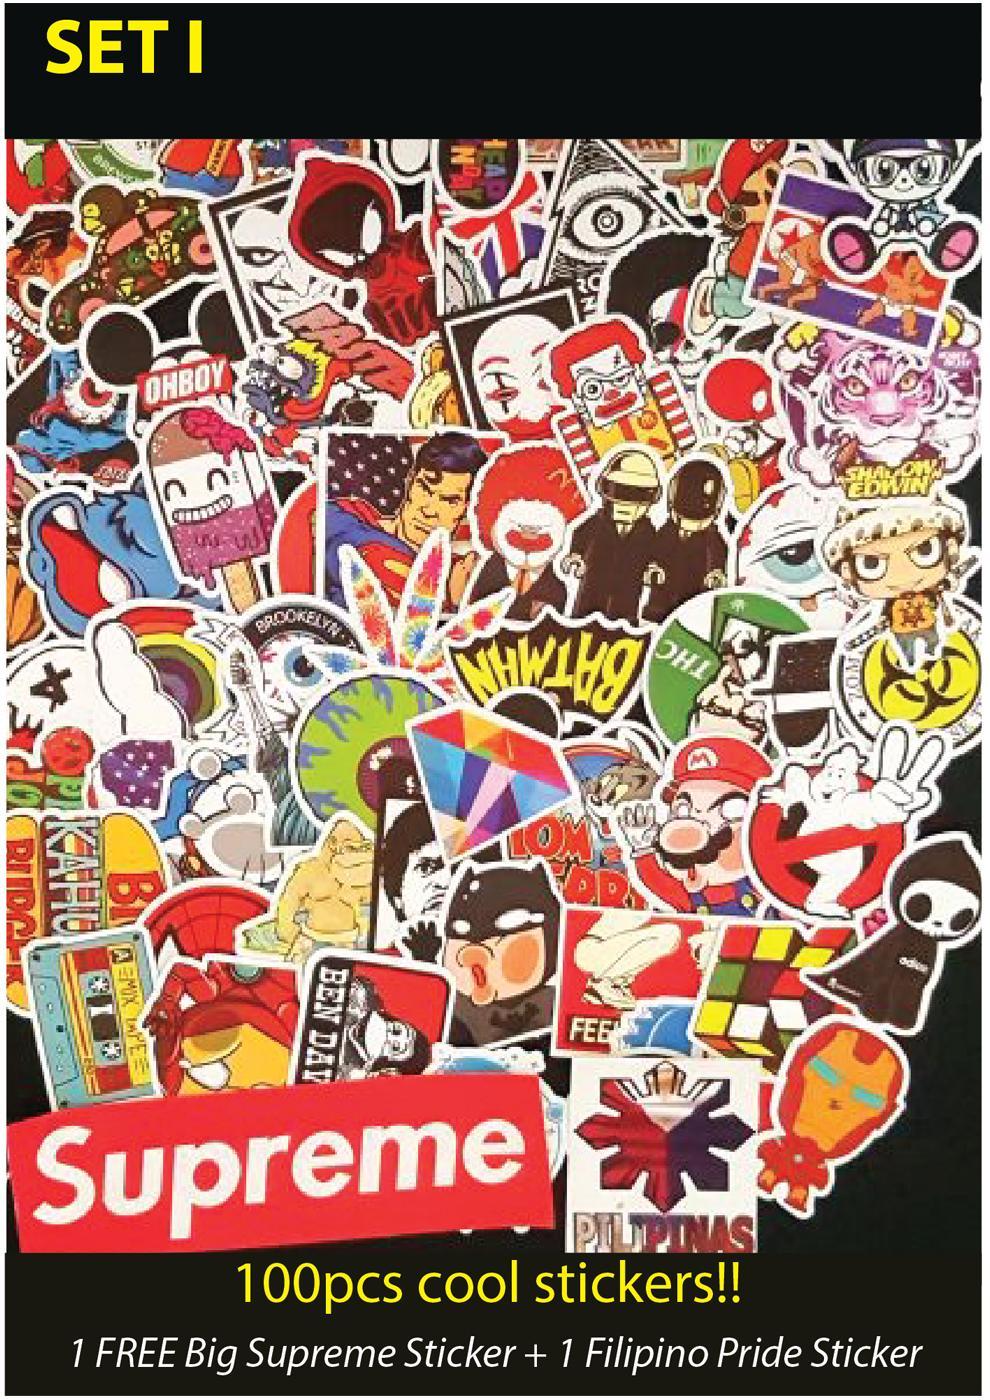 100pcs Kkpia Sticker Bomb Decal Vinyl For Car Laptop Luggages Appliances Unique Sticker Design By Kkpia Store.